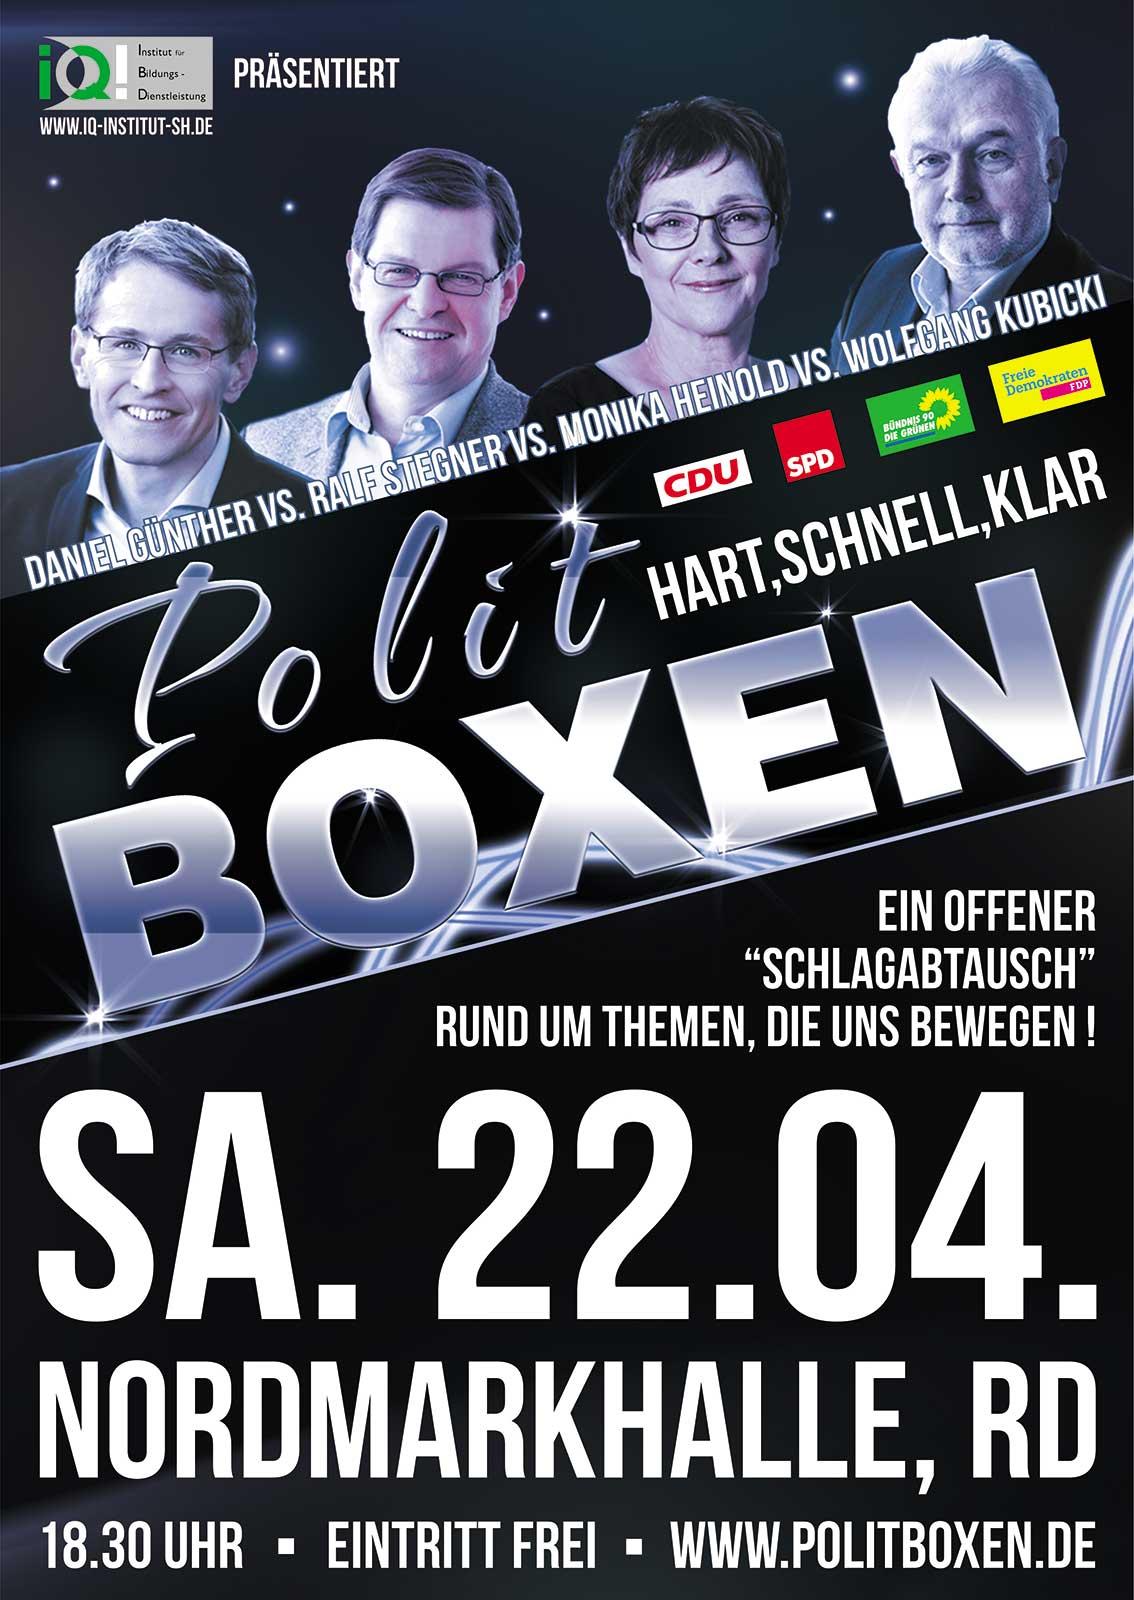 Plakat Politboxen zur Landtagswahl 2017 in Schleswig-Holstein